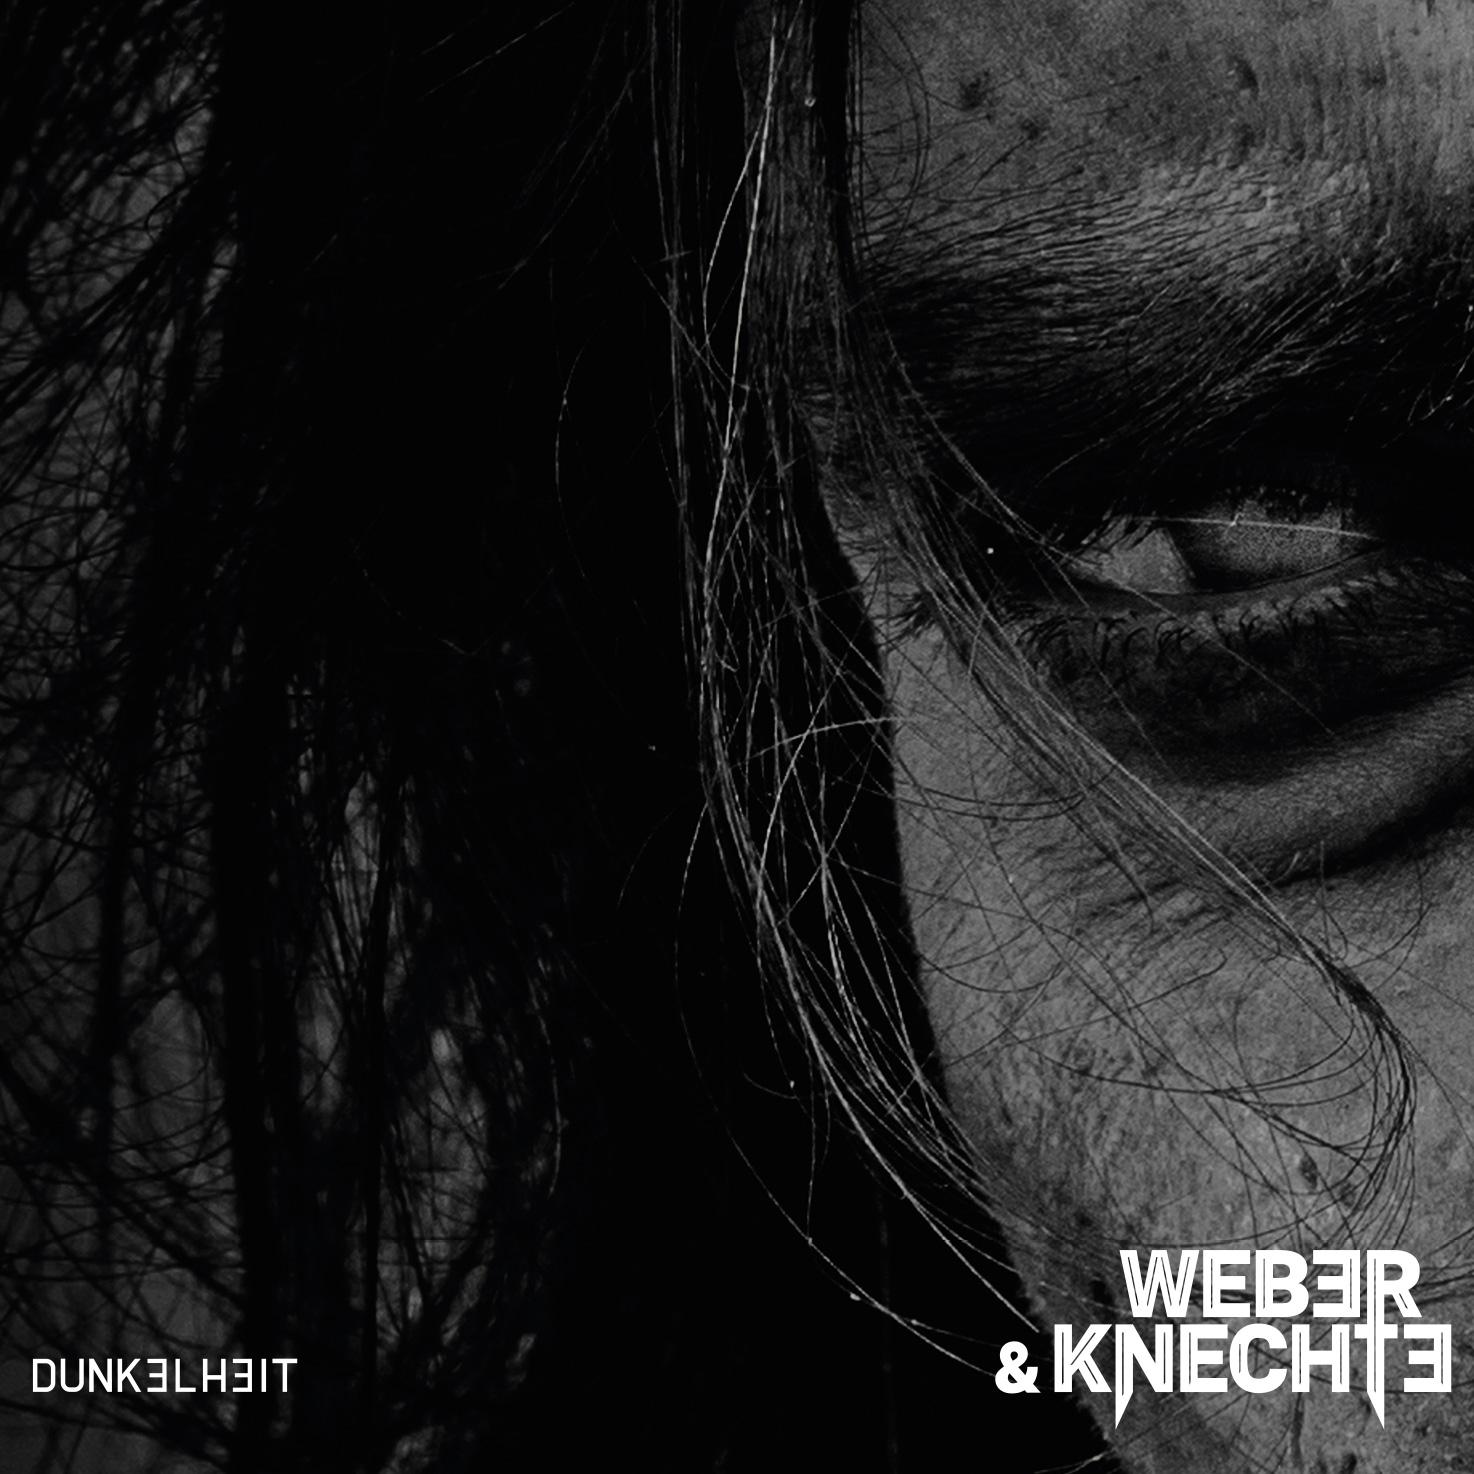 weber-und-knechte-dunkelheit-ein-album-review